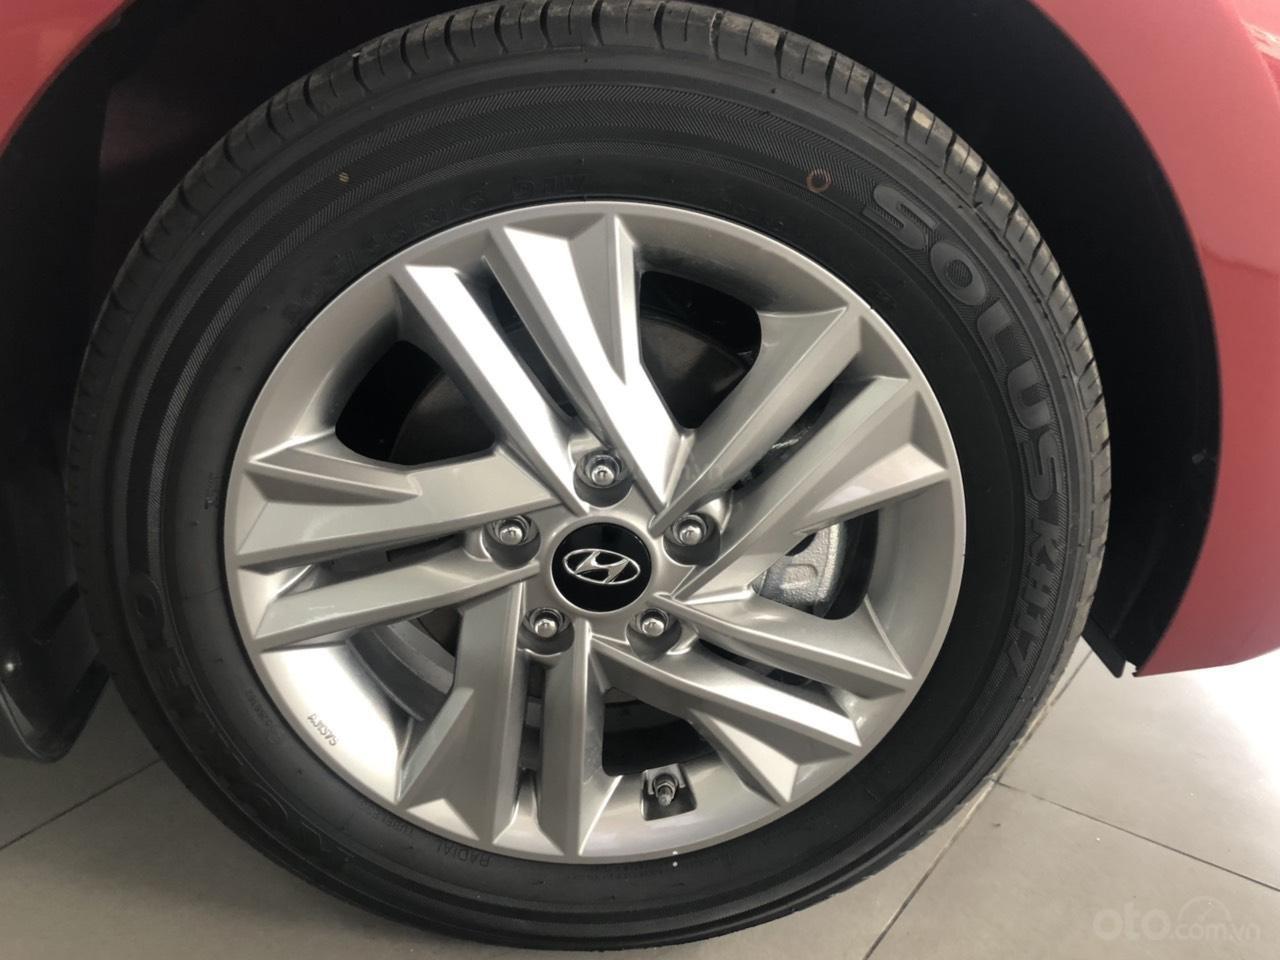 Hyundai Elentra 2019 - Giá tốt - Xe sẵn - Bank bao đậu (14)